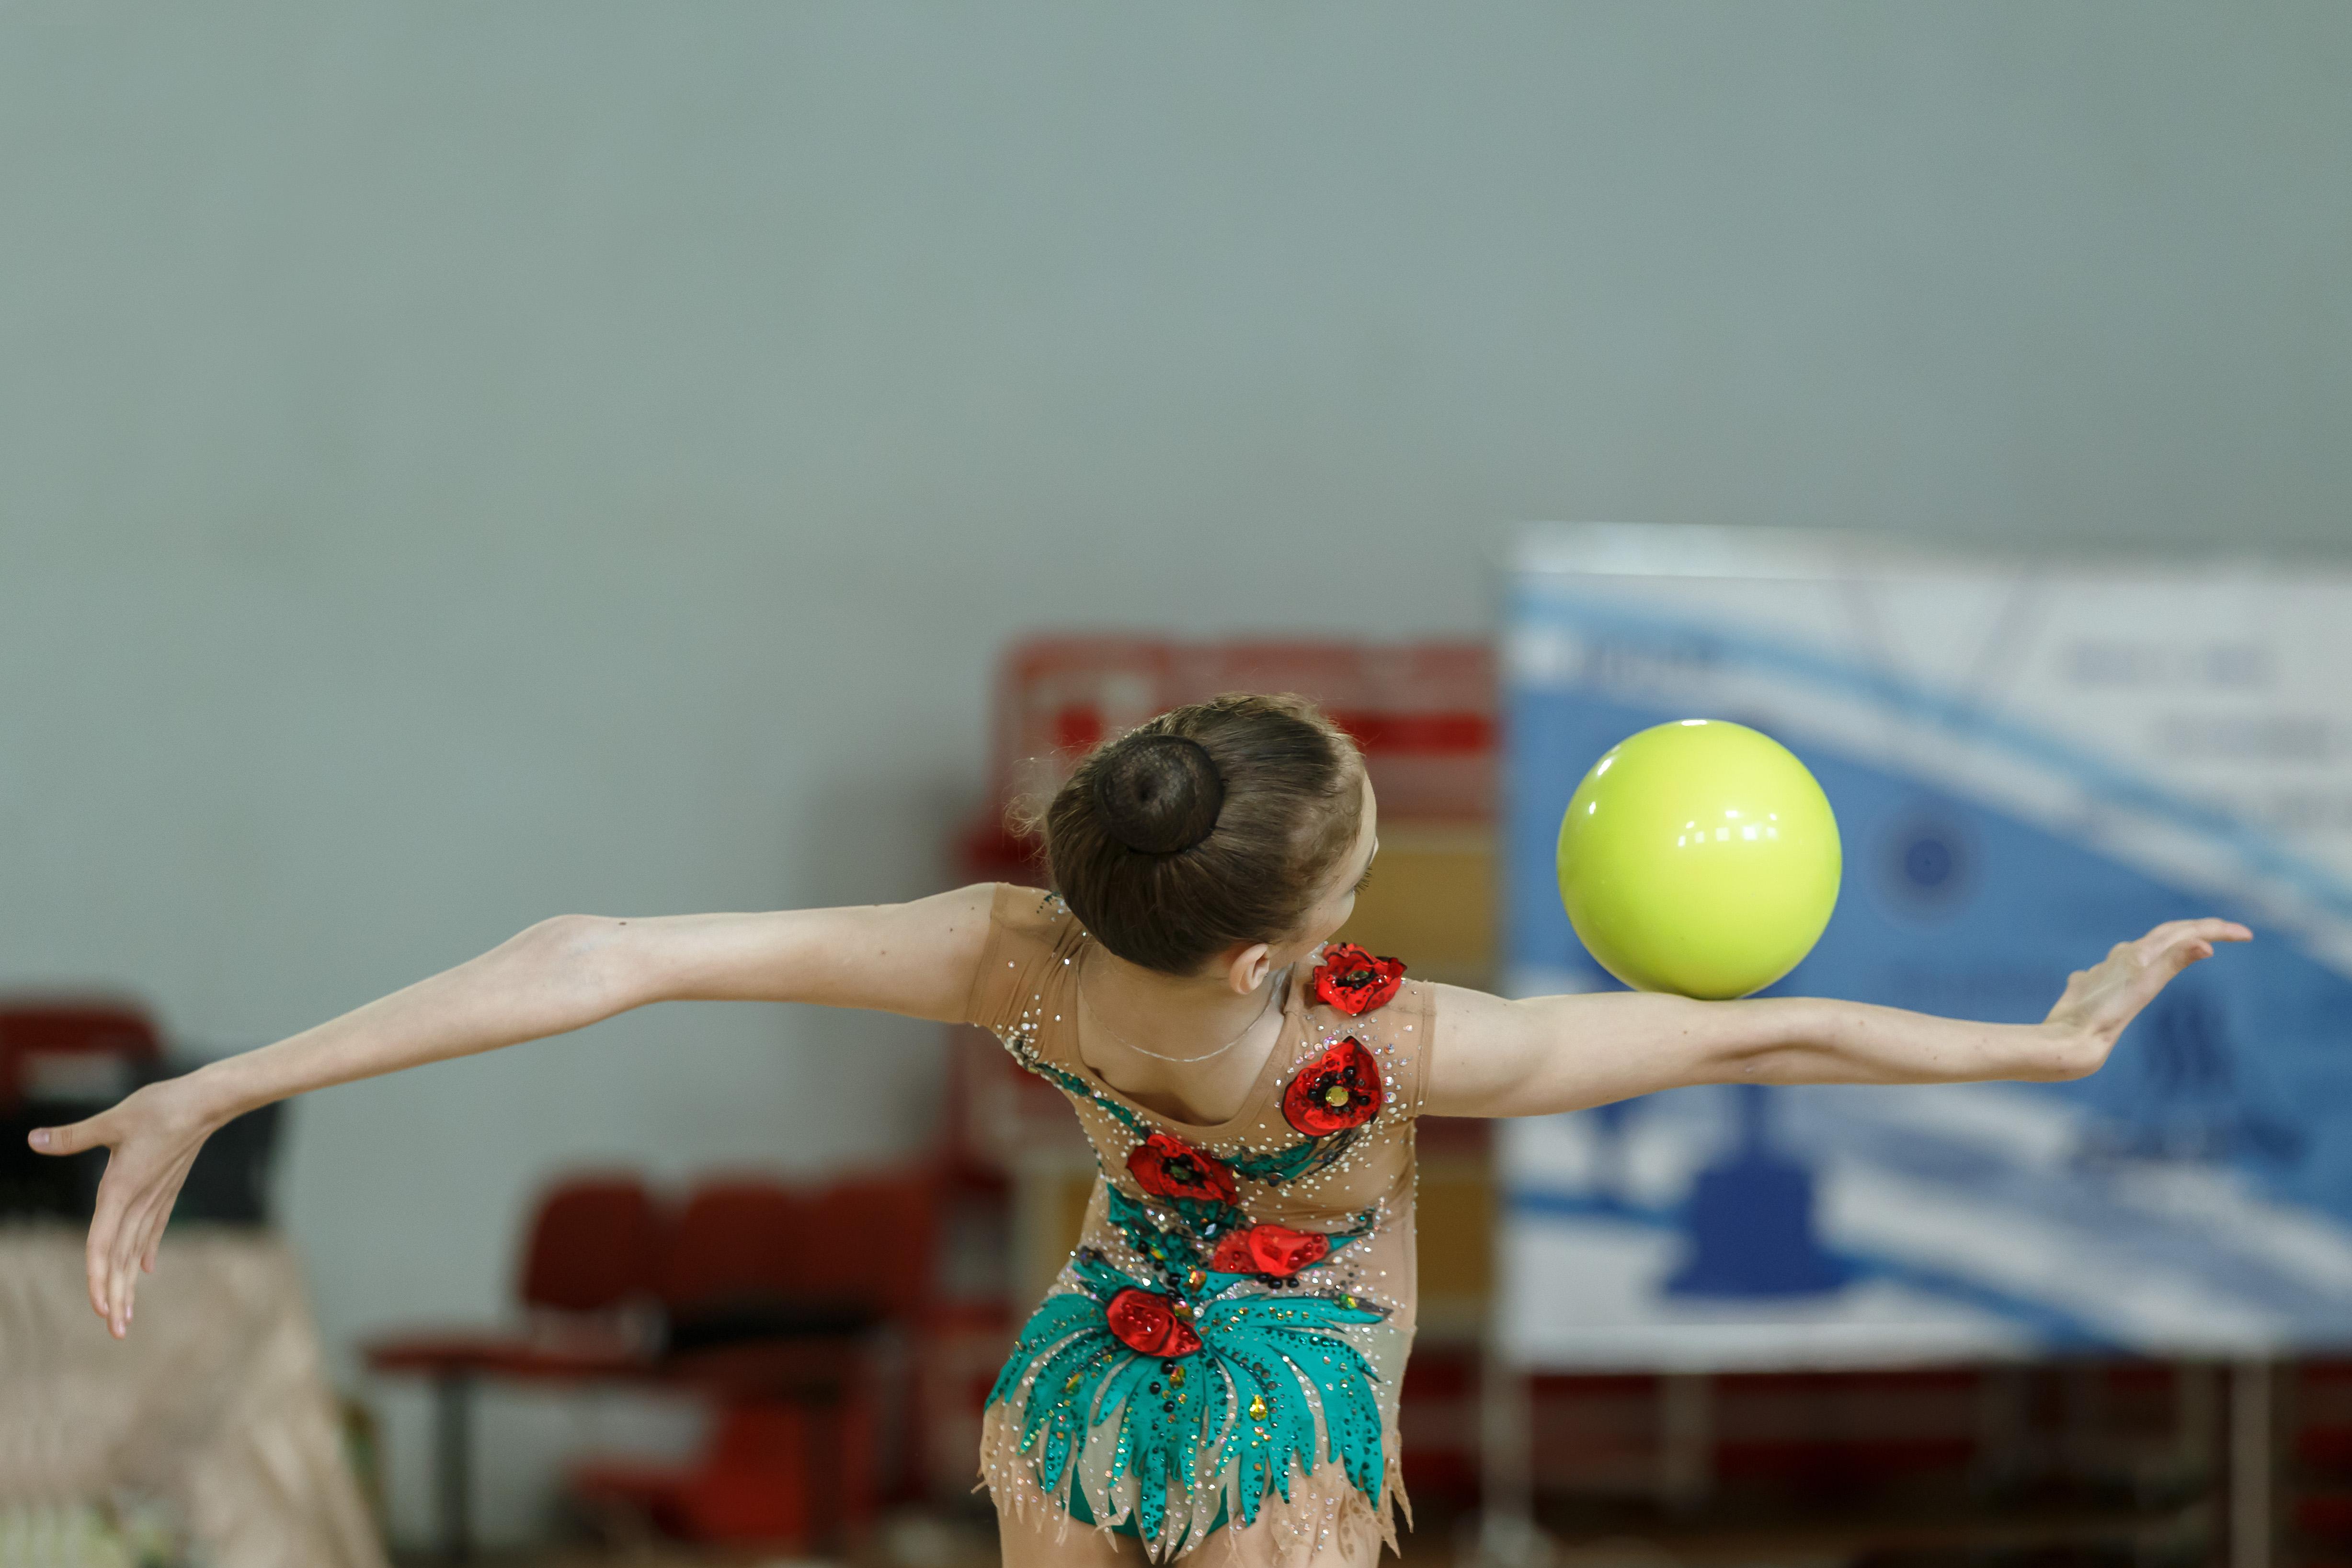 Всероссийский олимпийский день, посвященный XXIII Олимпийским зимним играм